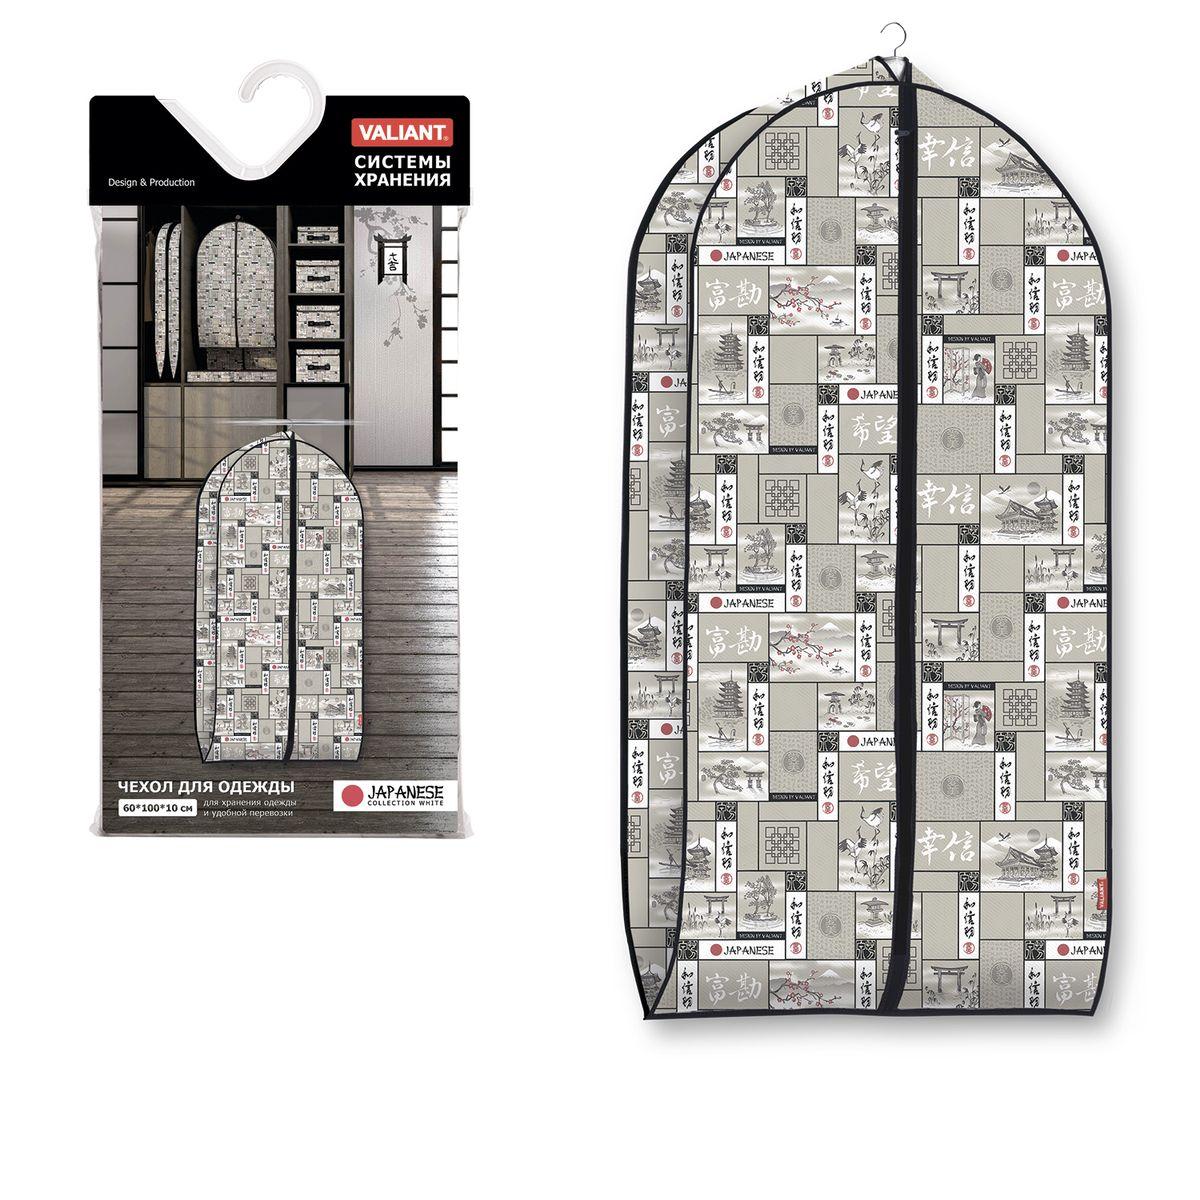 Чехол для одежды Valiant Japanese White, объемный, 60 х 100 х 10 смJW-CV-100Чехол для одежды Valiant Japanese White изготовлен из высококачественного нетканого материала (спанбонда), который обеспечивает естественную вентиляцию, позволяя воздуху проникать внутрь, но не пропускает пыль. Чехол очень удобен в использовании. Наличие боковой вставки увеличивает объем чехла, что позволяет хранить крупные объемные вещи. Чехол закрывается на застежку-молнию. Идеально подойдет для хранения одежды и удобной перевозки. Оригинальный дизайн придется по вкусу ценительницам эстетичного хранения.